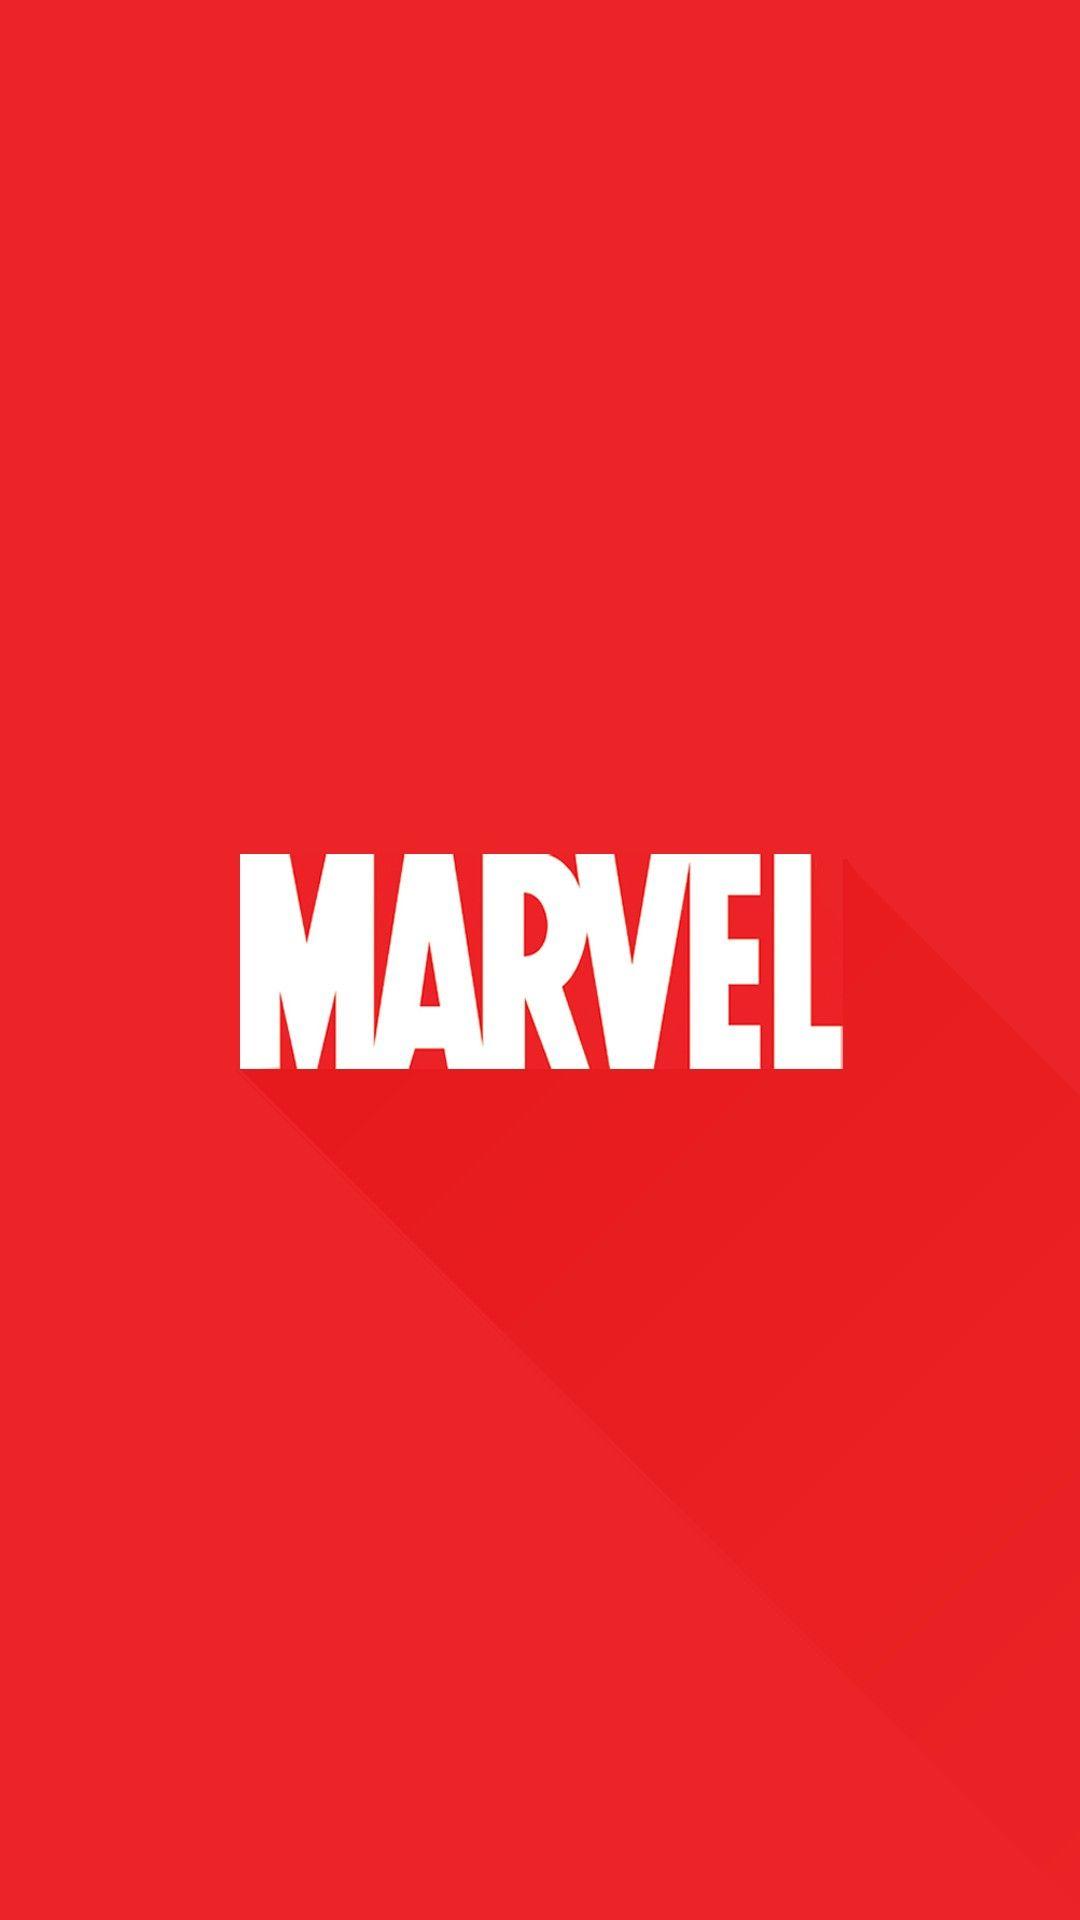 Безымянный проект студии Marvel (2020)